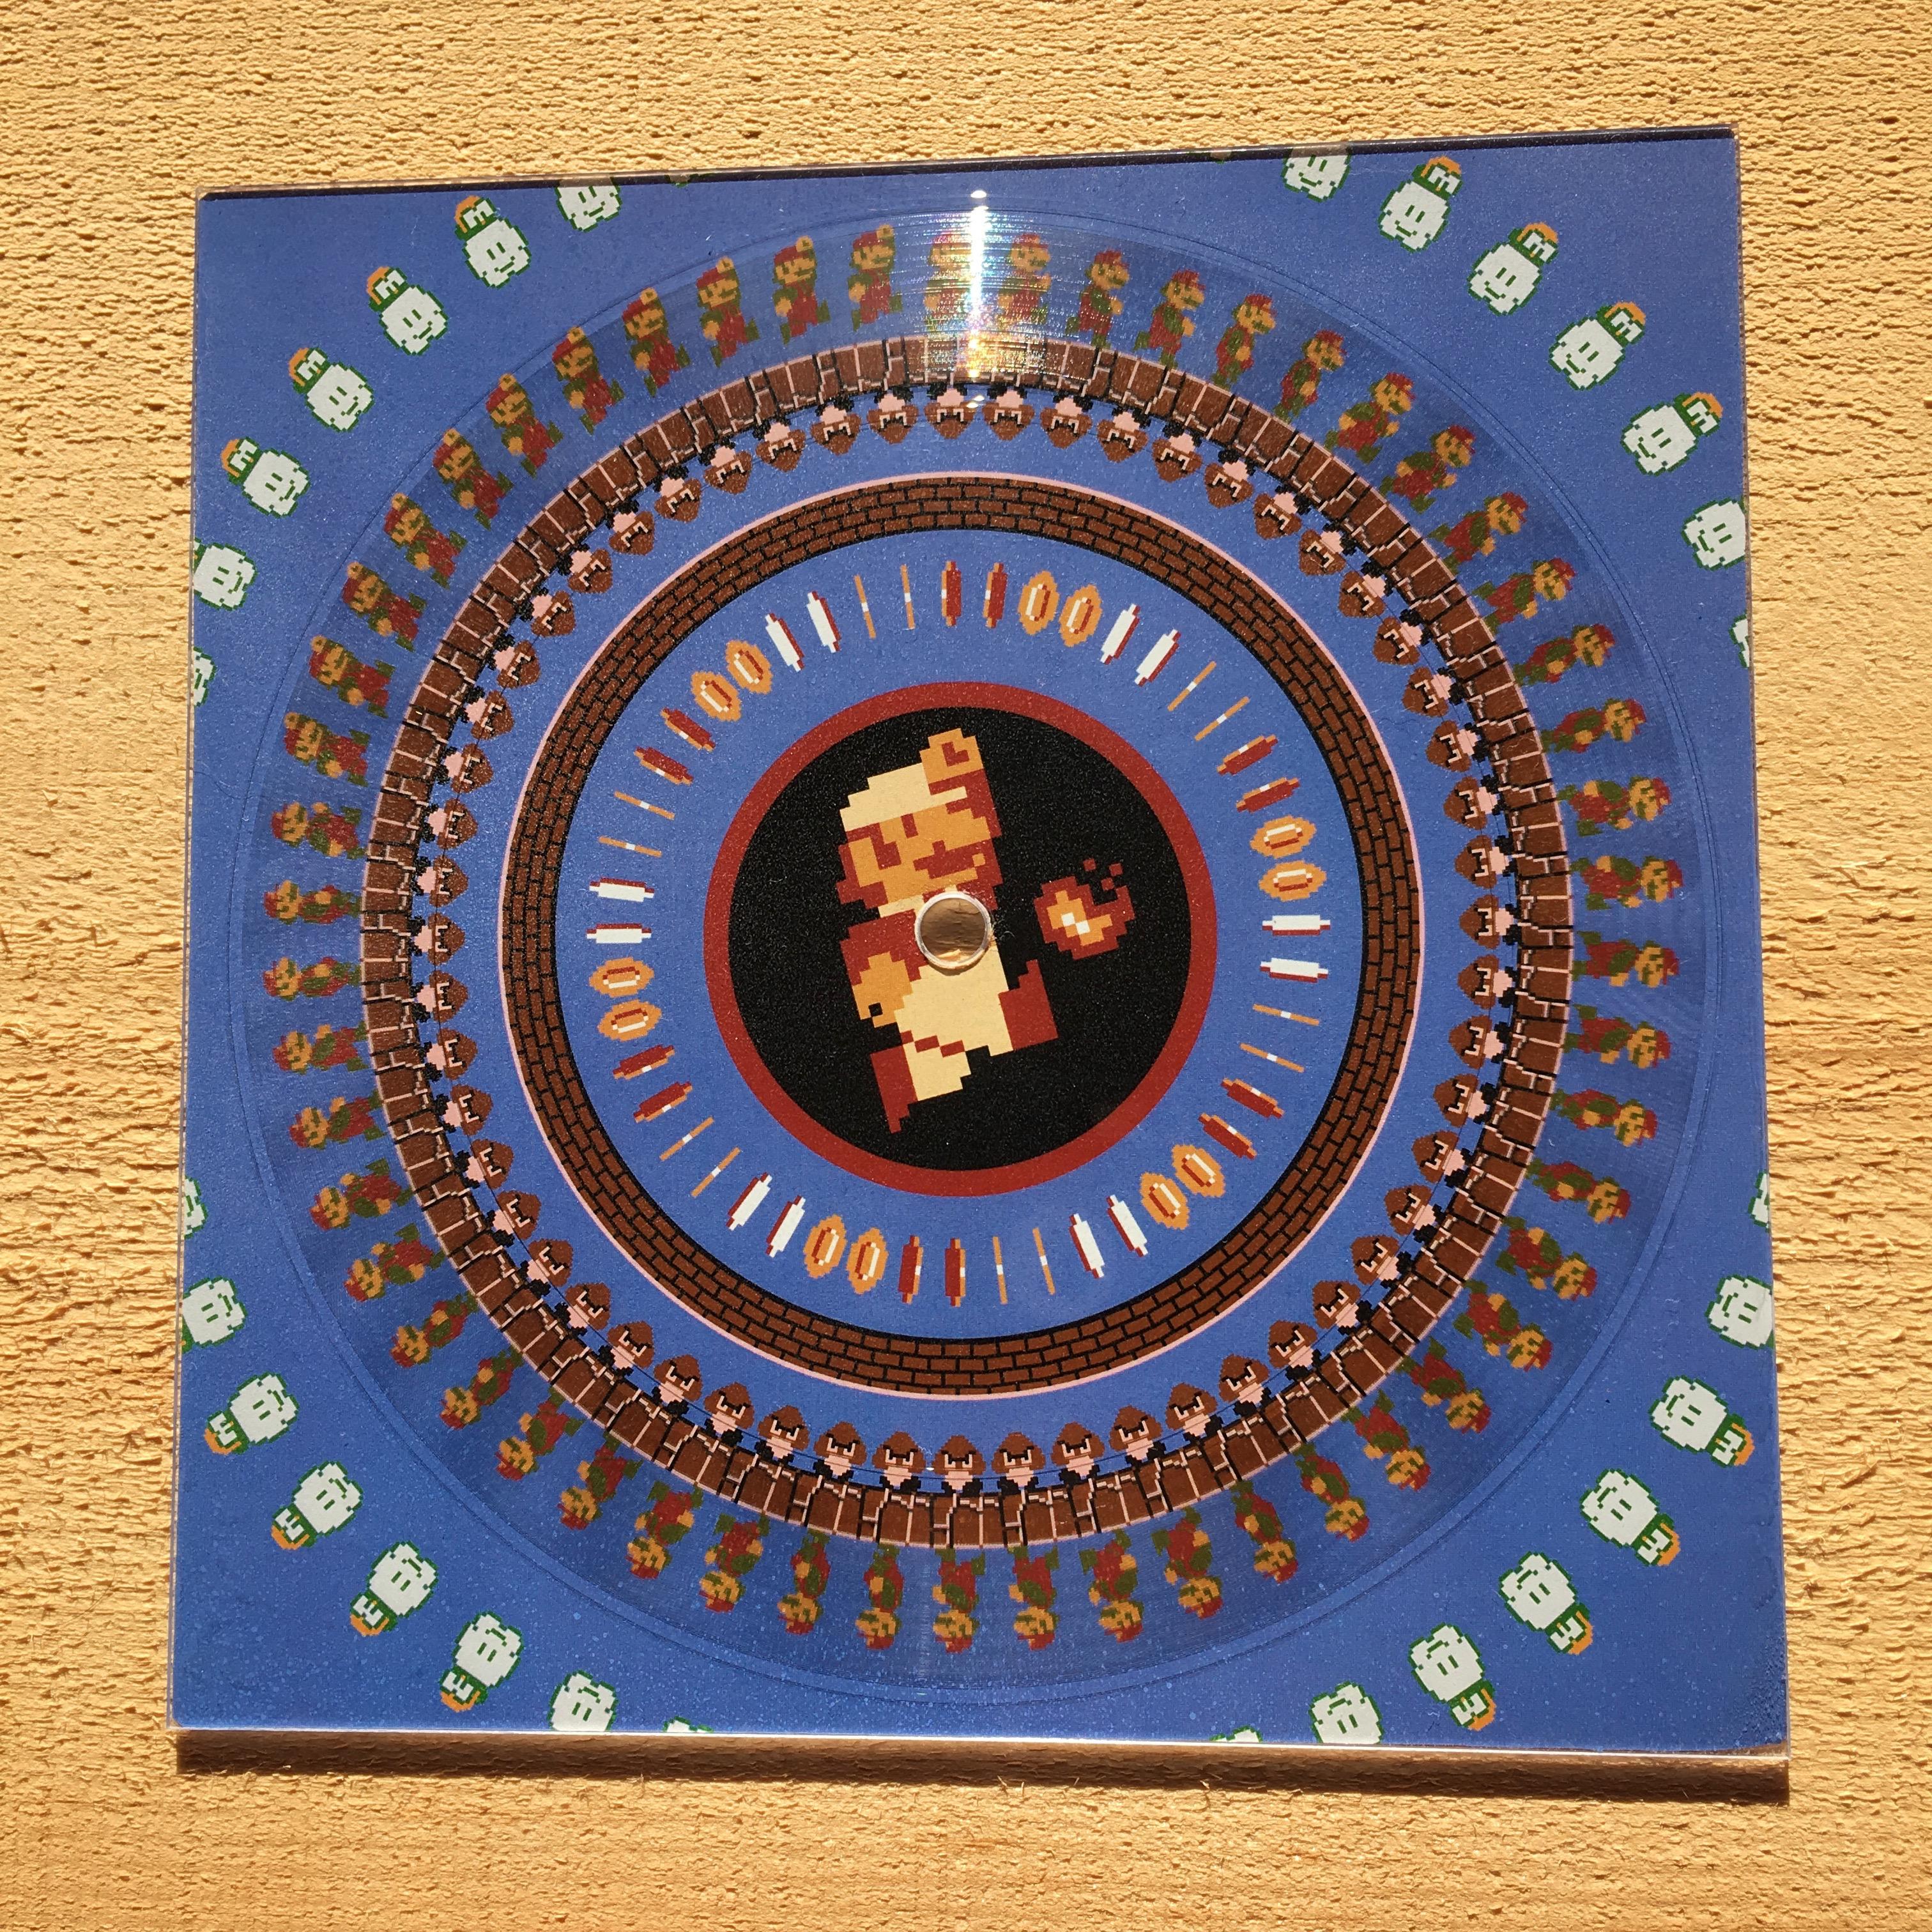 Mario Bros. Zoetrope Record